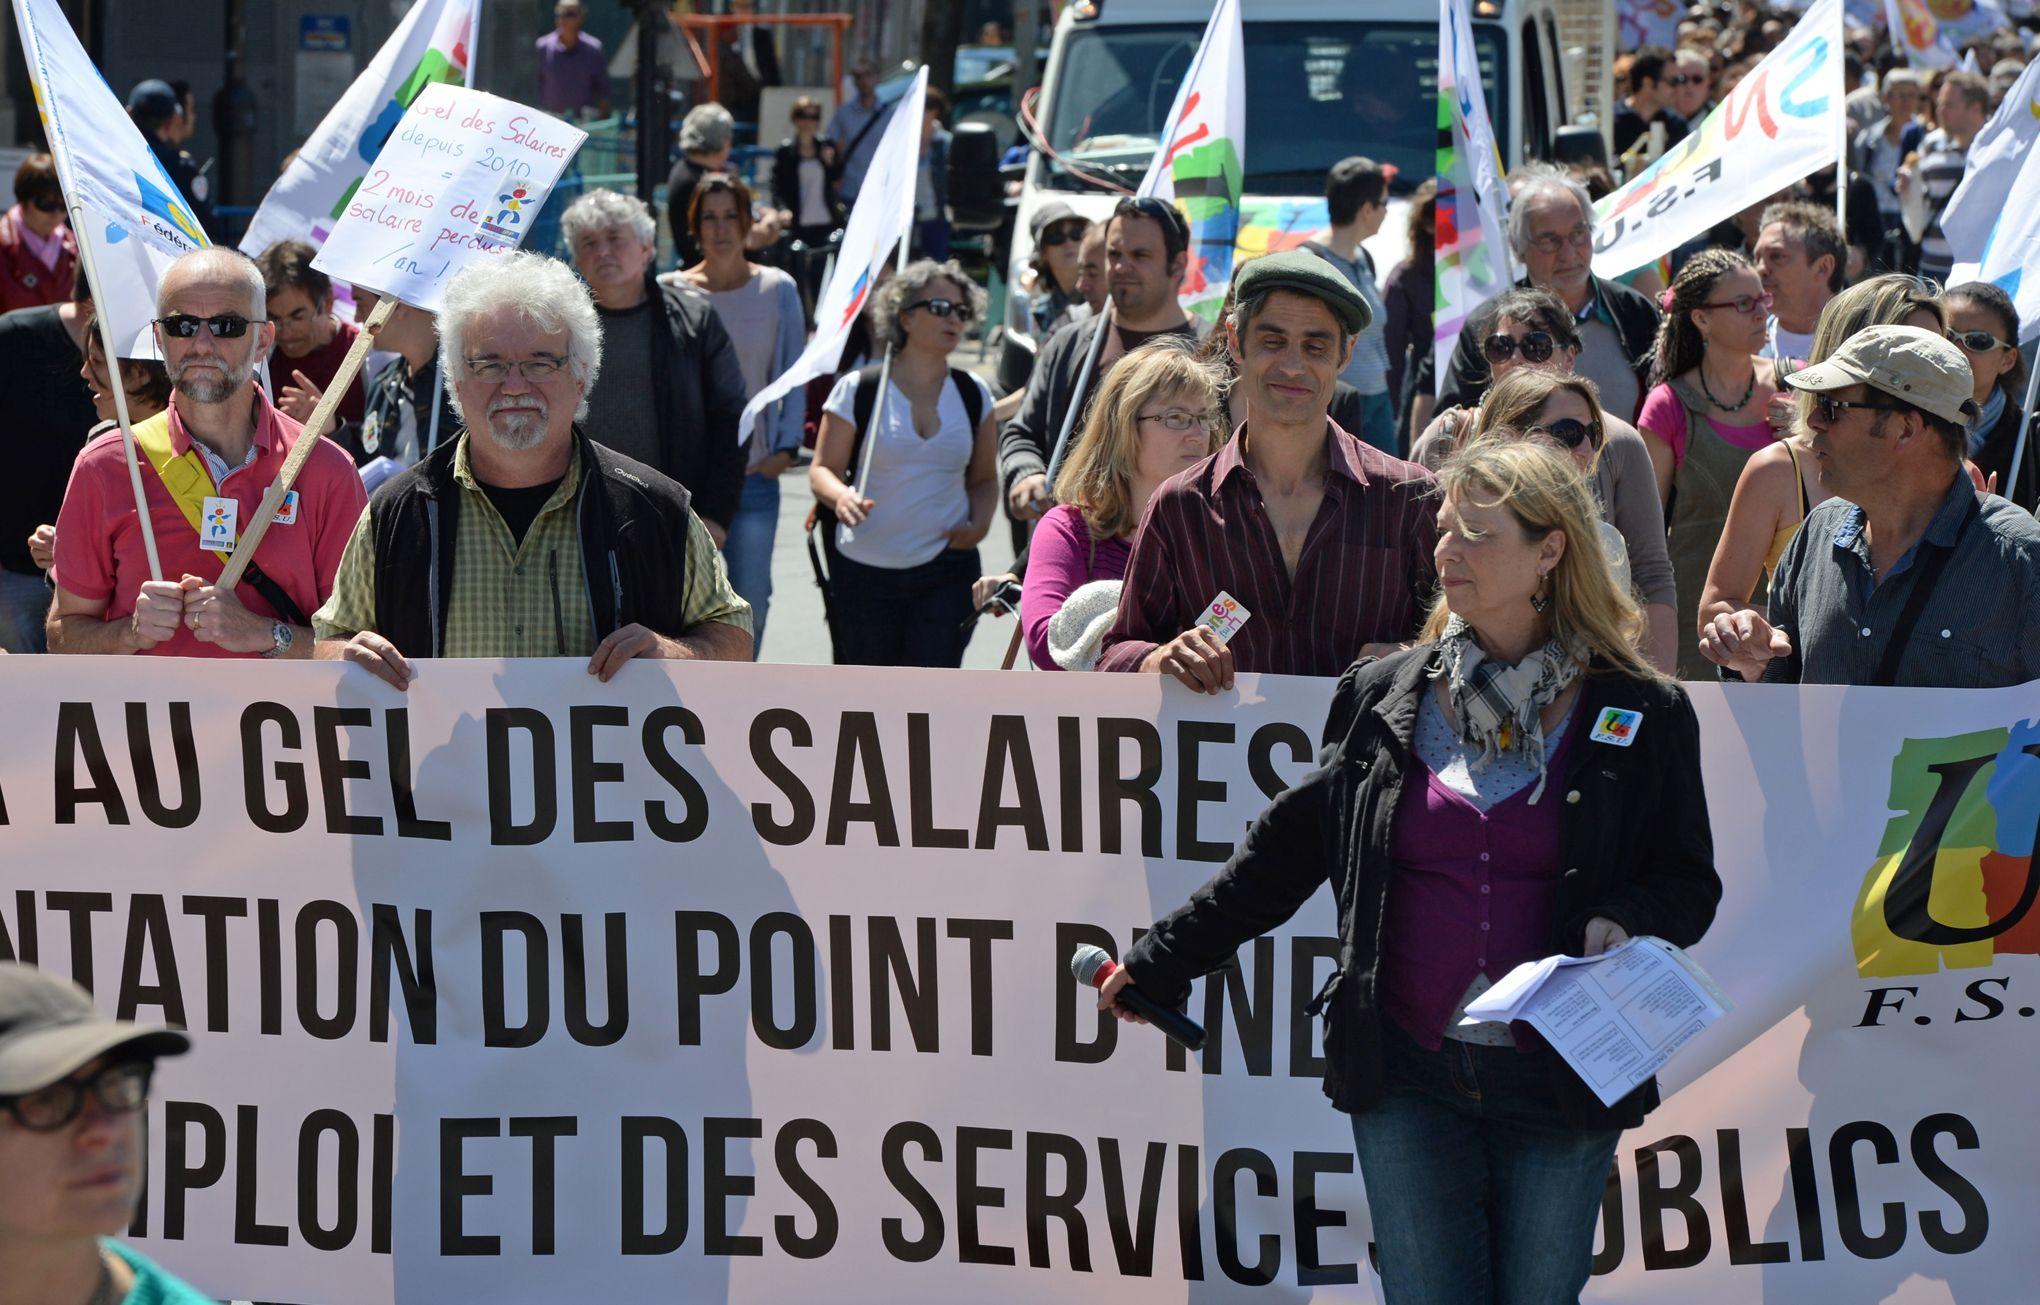 Comment les fonctionnaires sont ils r mun r s - Grille des salaires des fonctionnaires ...